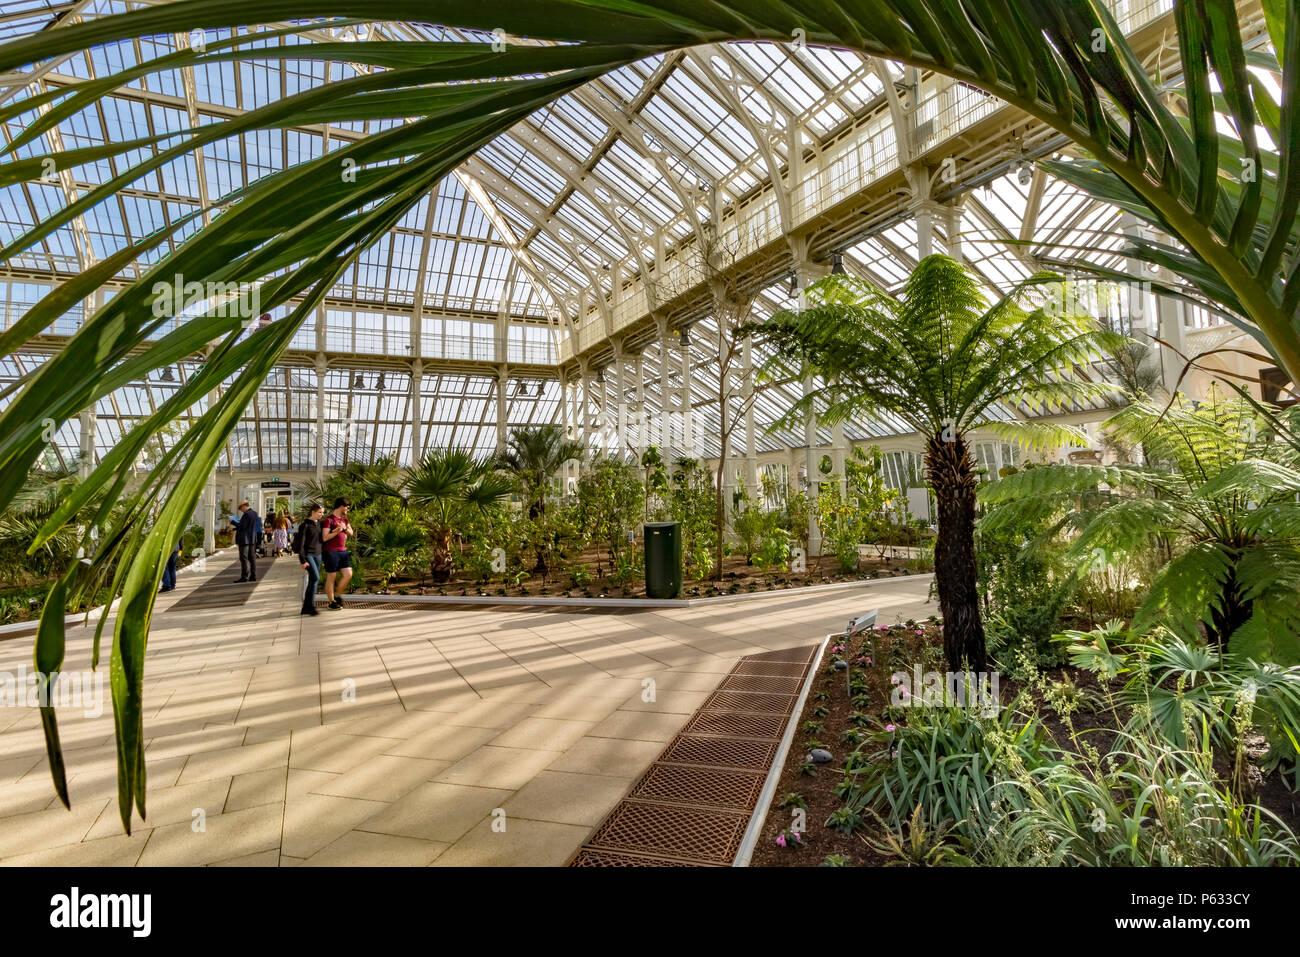 Die Leute, die Kew Gardens in der neu restaurierten gemäßigt Haus, das jetzt für die Besucher nach einem 5 Jahr Restaurierung im Mai 2018 geöffnet hat. Stockbild